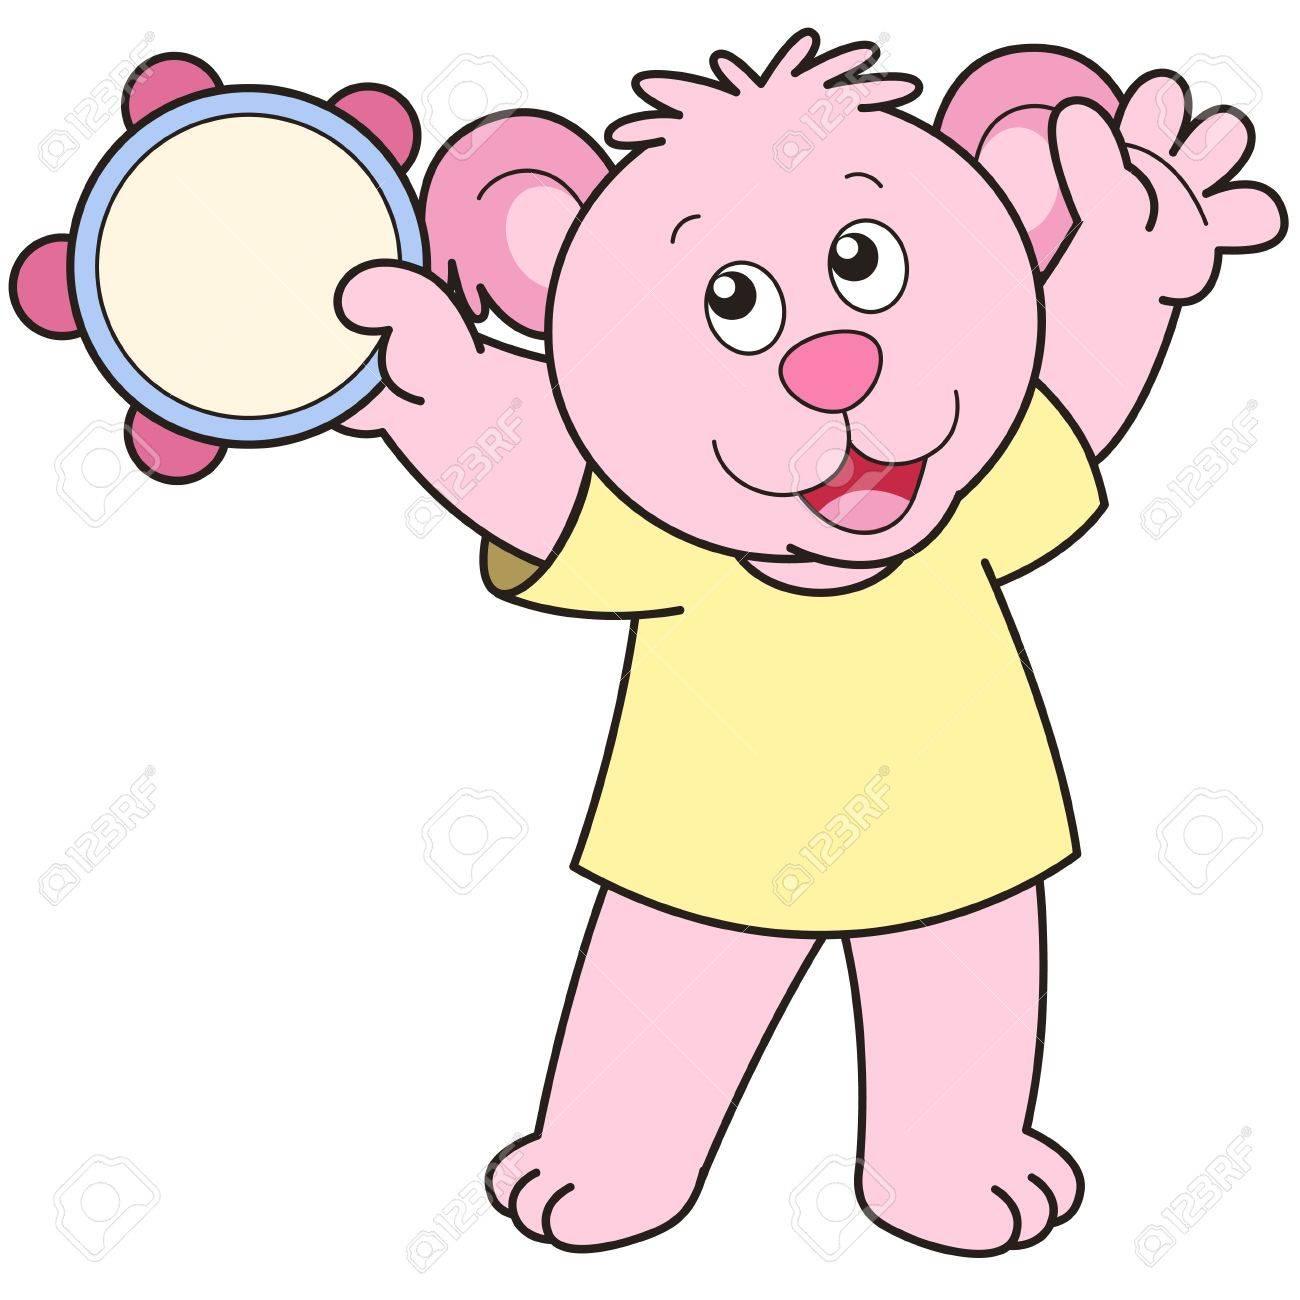 Cartoon Bear playing a tambourine. Stock Vector - 18589074